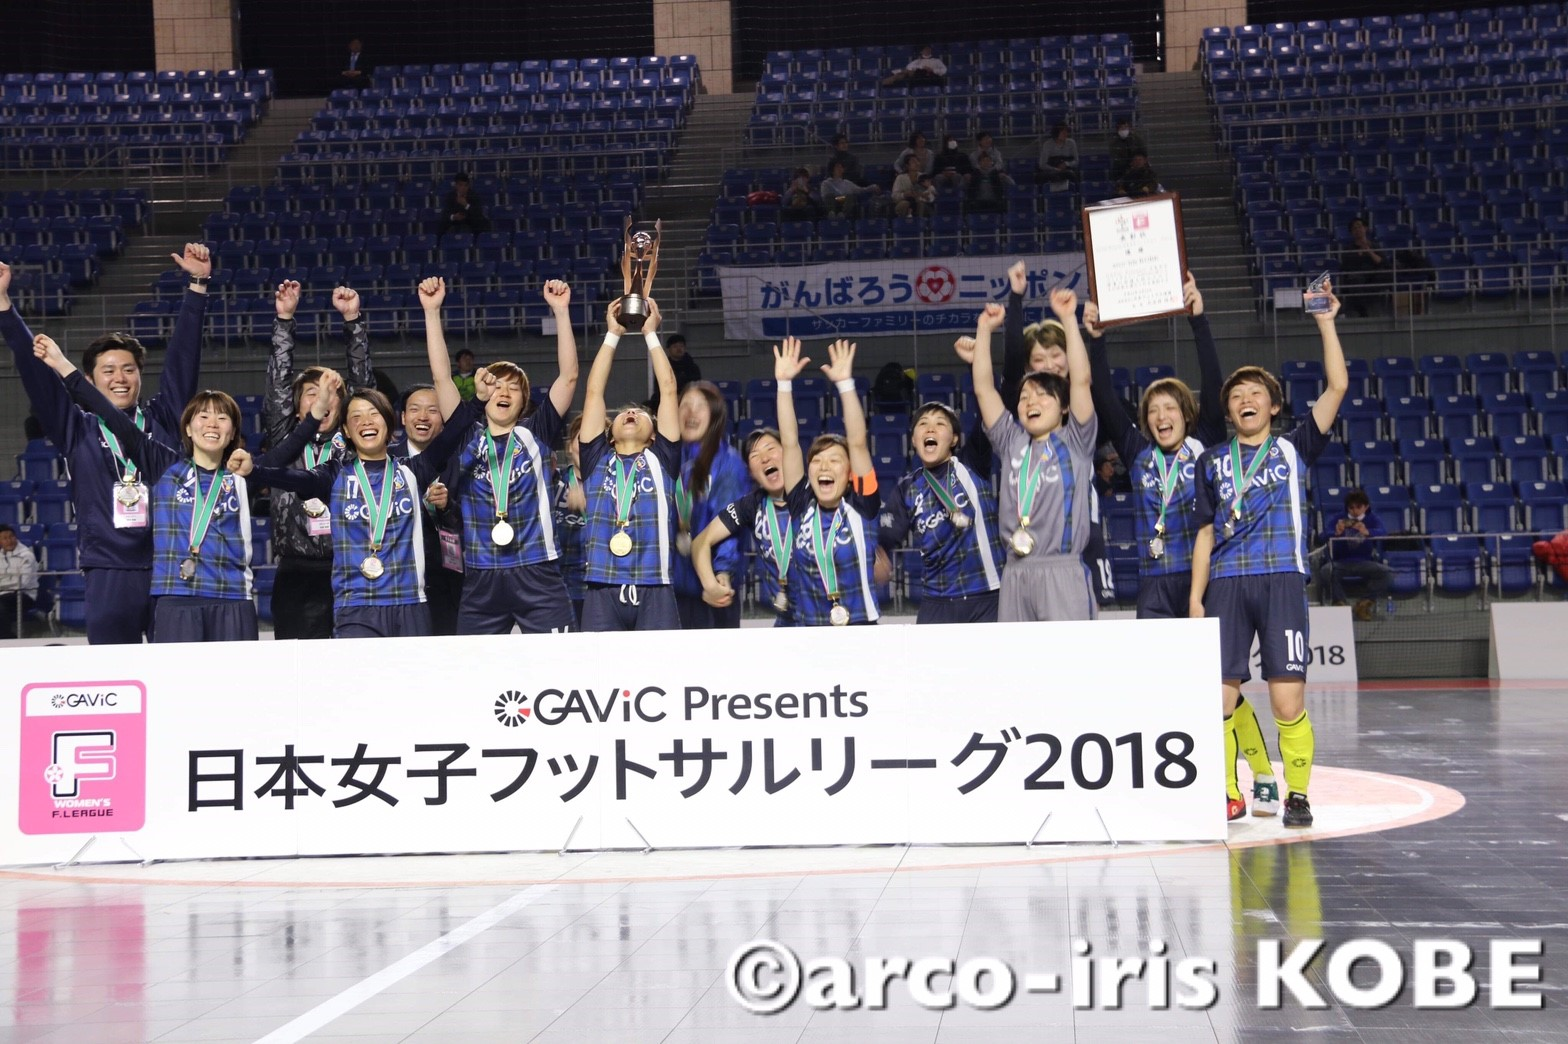 【2連覇達成!】GAViC Presents 日本女子フットサルリーグ2018